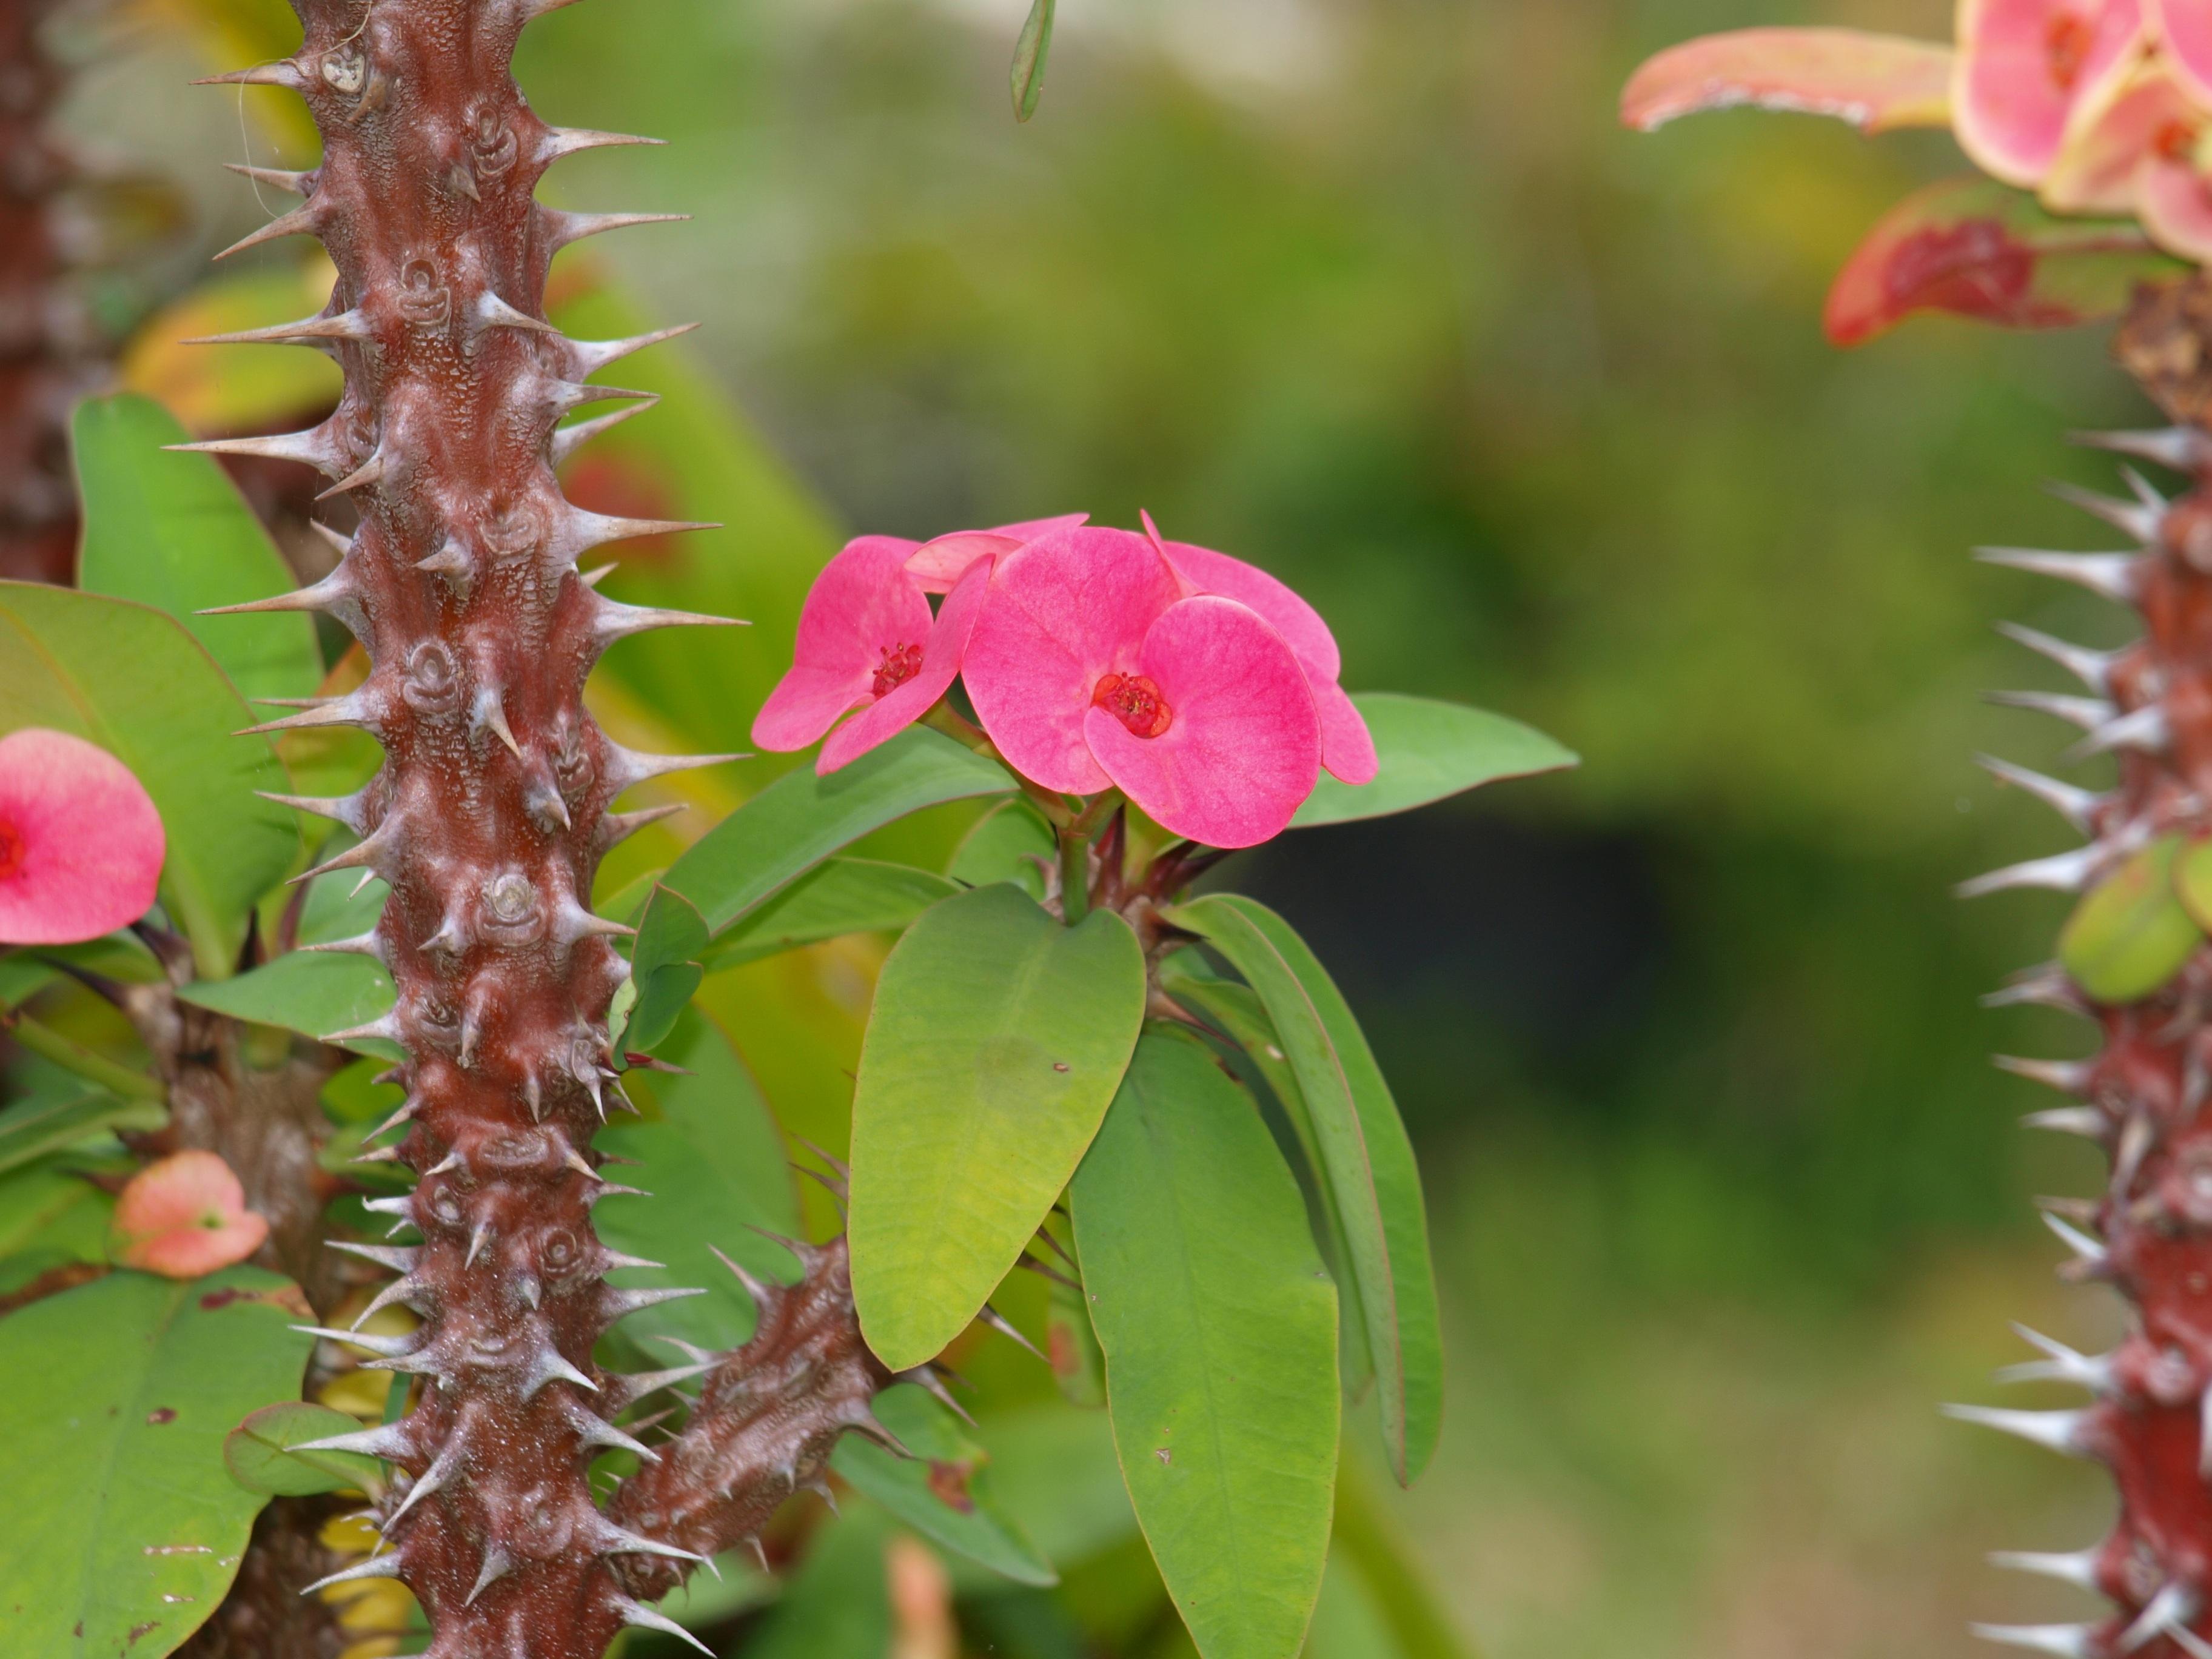 цветок эуфорбия фото невеста, выбирая